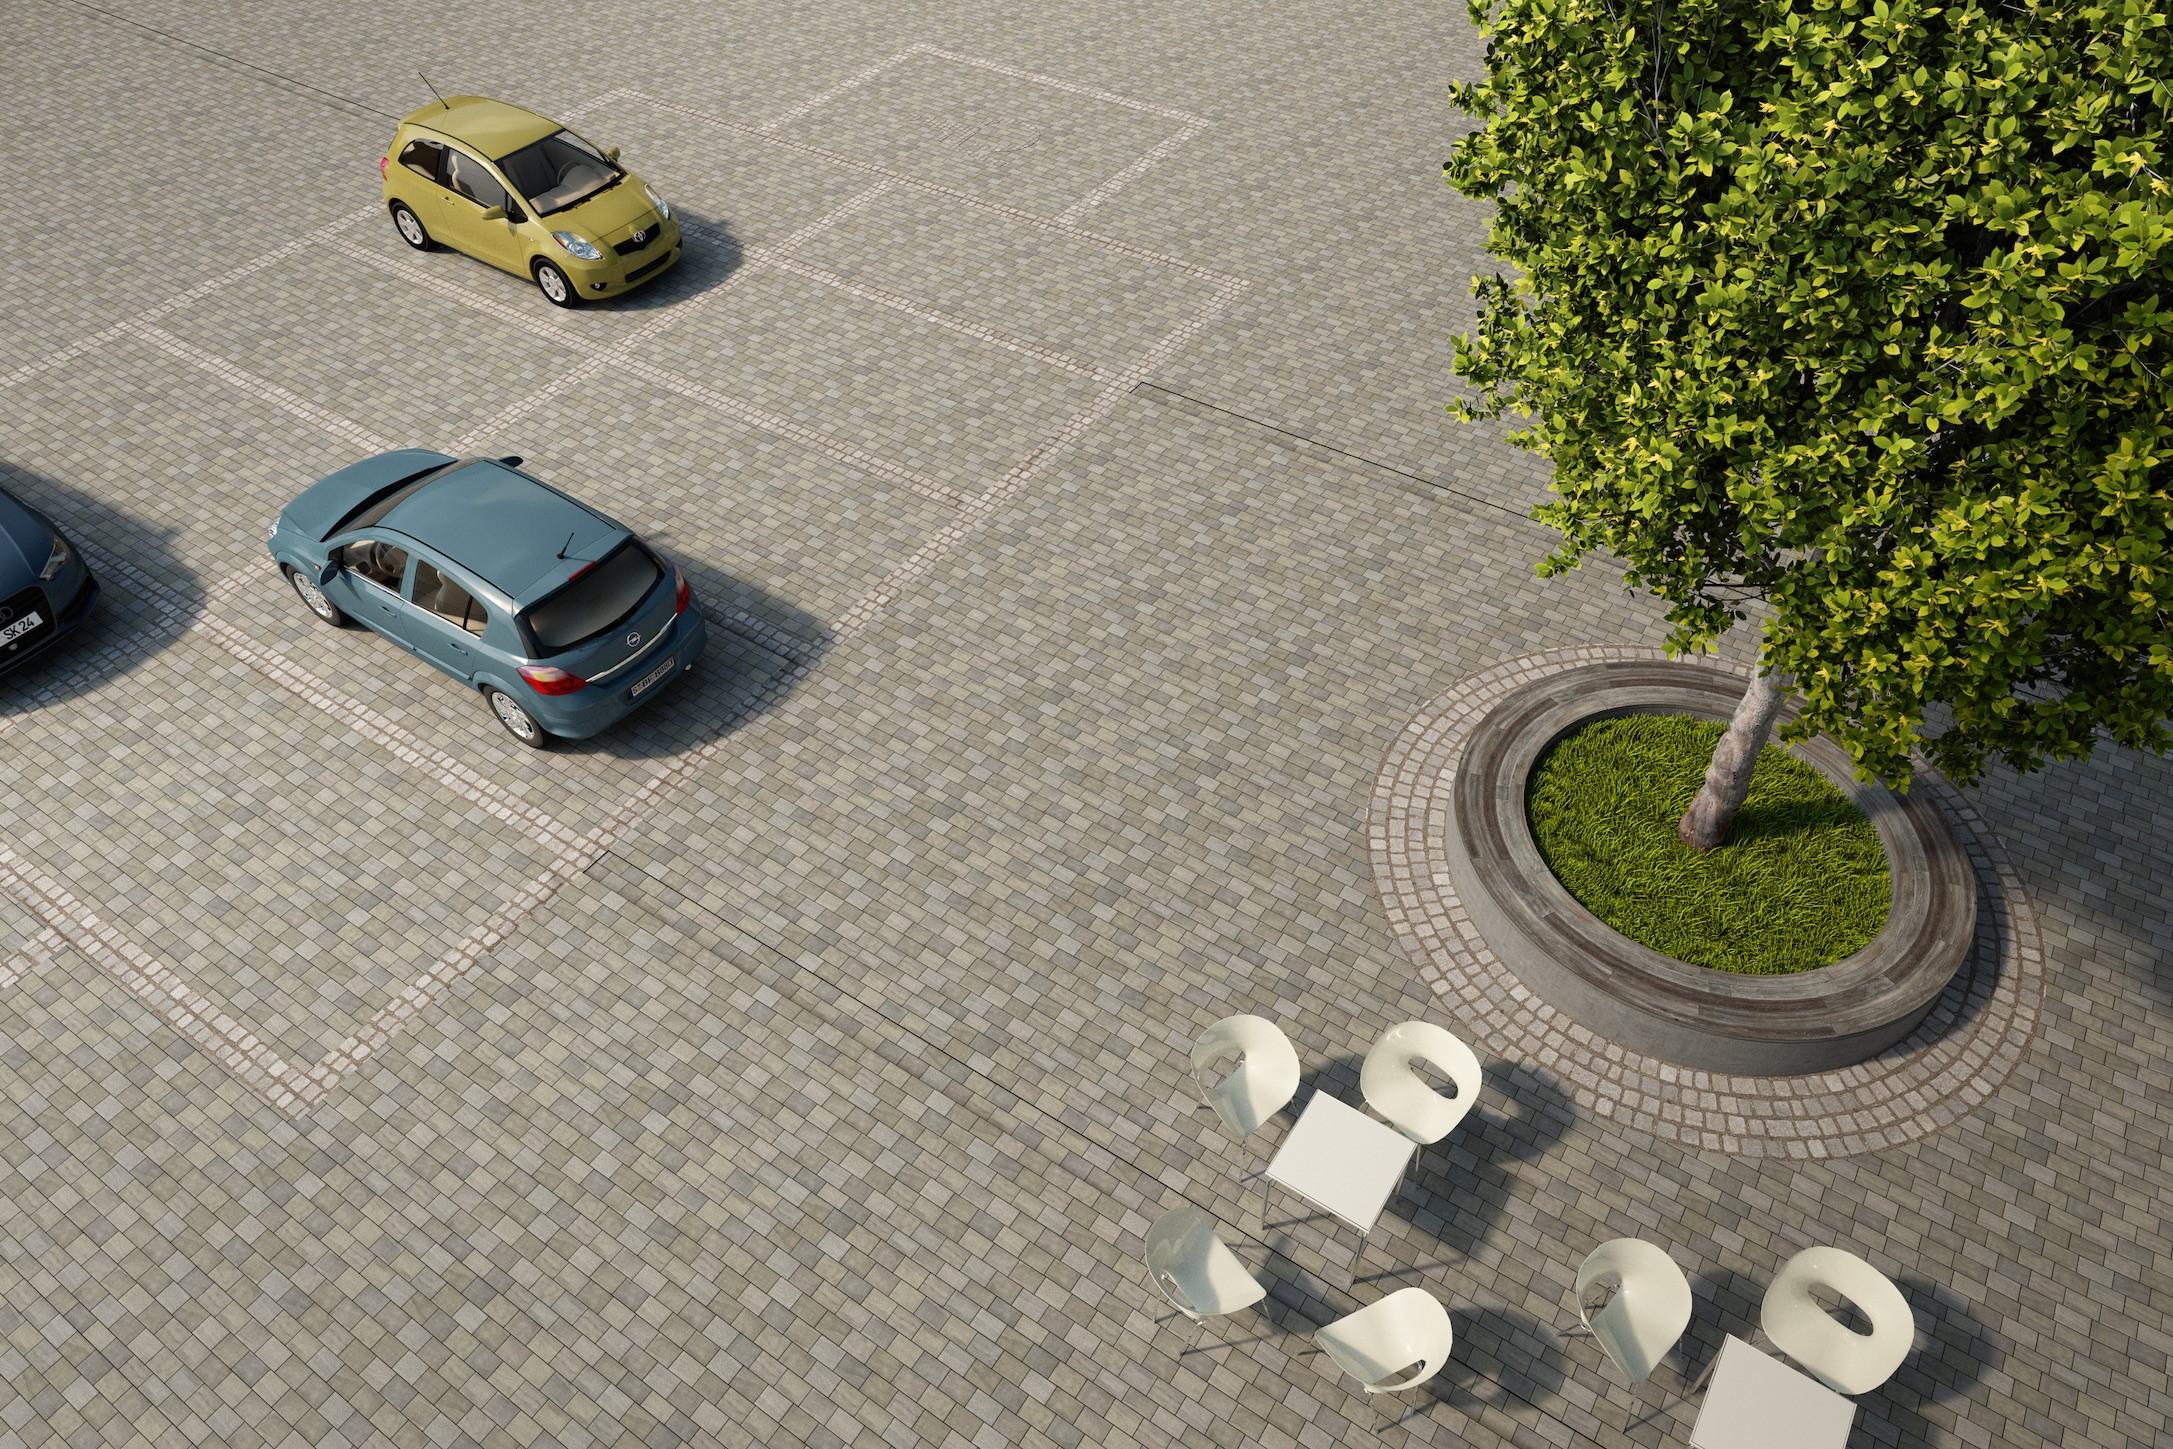 Ein Beispiel für die neuen Einfassungen der neu gepflanzten Bäume auf dem Marktplatz mit integrierter Sitzmöglichkeit